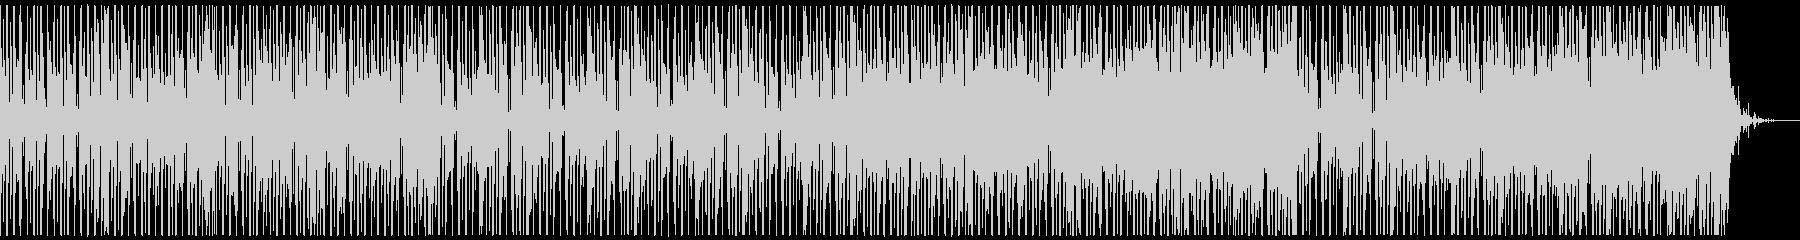 楽しく、コミカルなBGM(ドラム有り)の未再生の波形